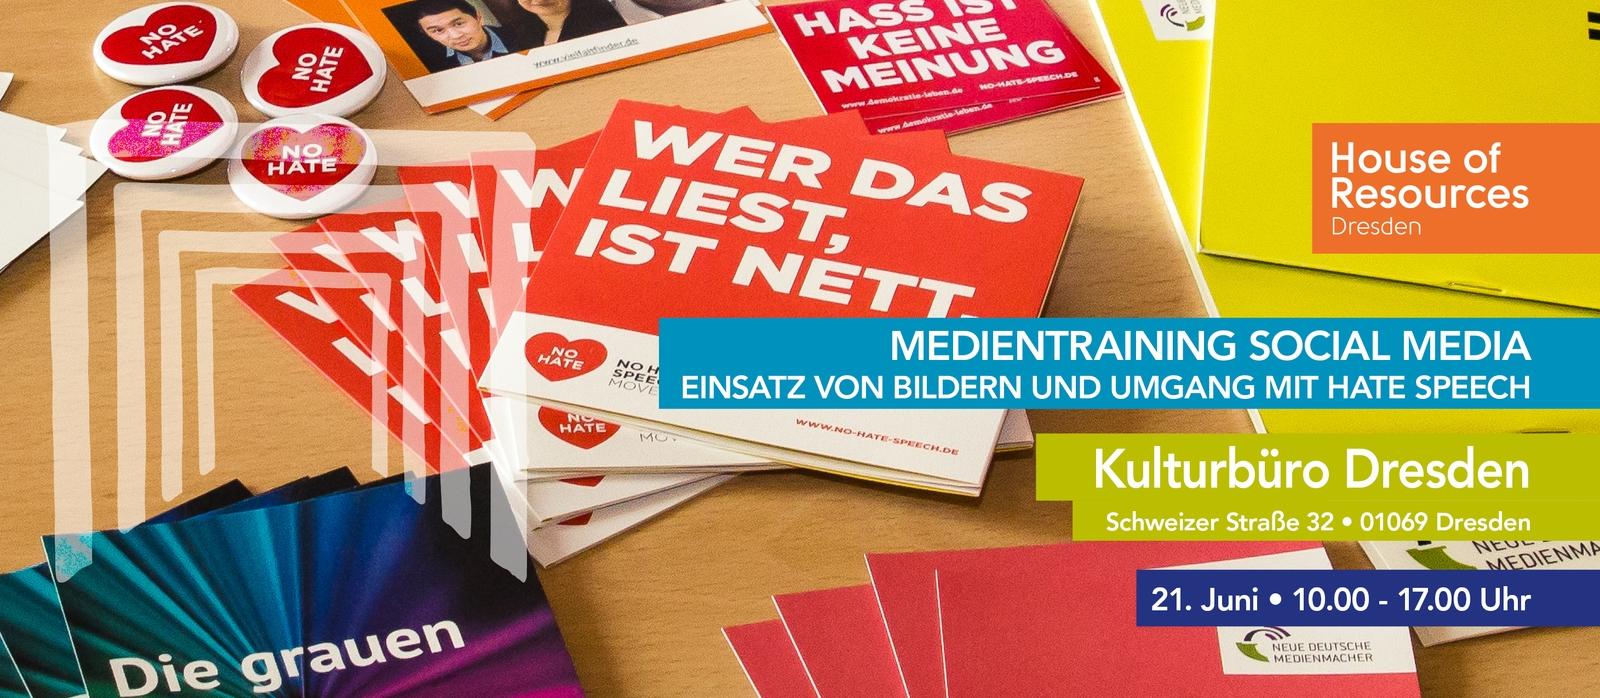 2019-06-21-medientraining-social-media-flyer